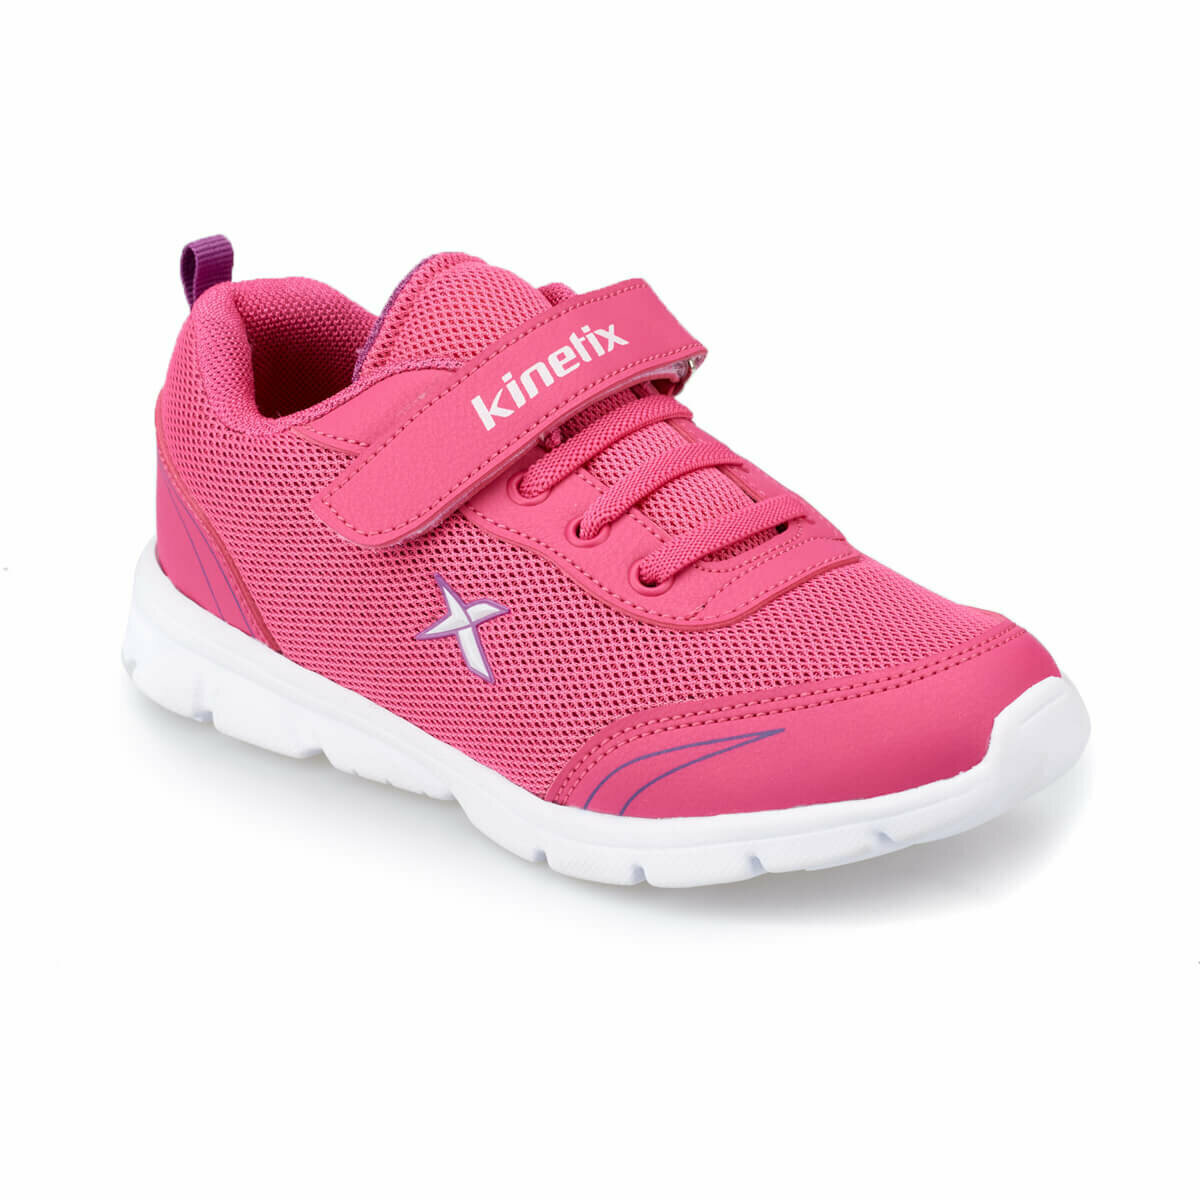 FLO YANNI Fuchsia Female Child Running Shoes KINETIX